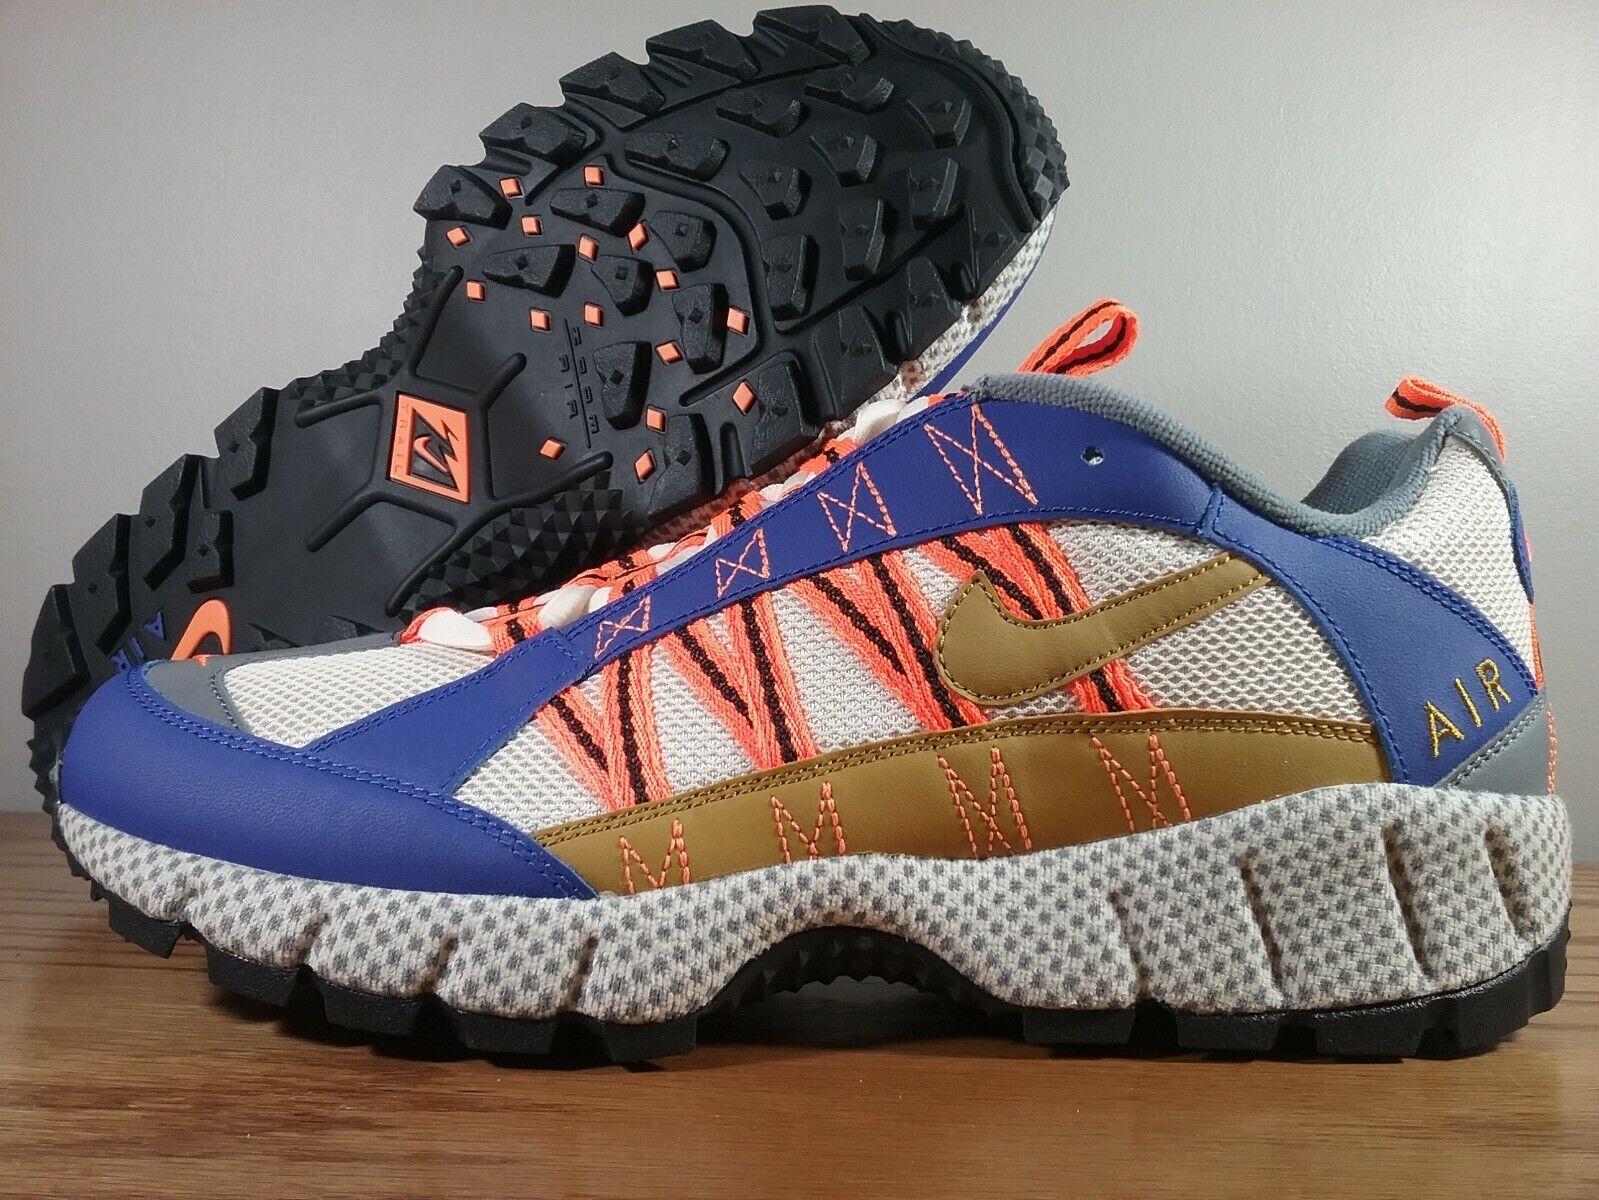 Nike Air Humara '17 QS Trail Running shoes blueee orange Cream AO3297-400 Men's Sz